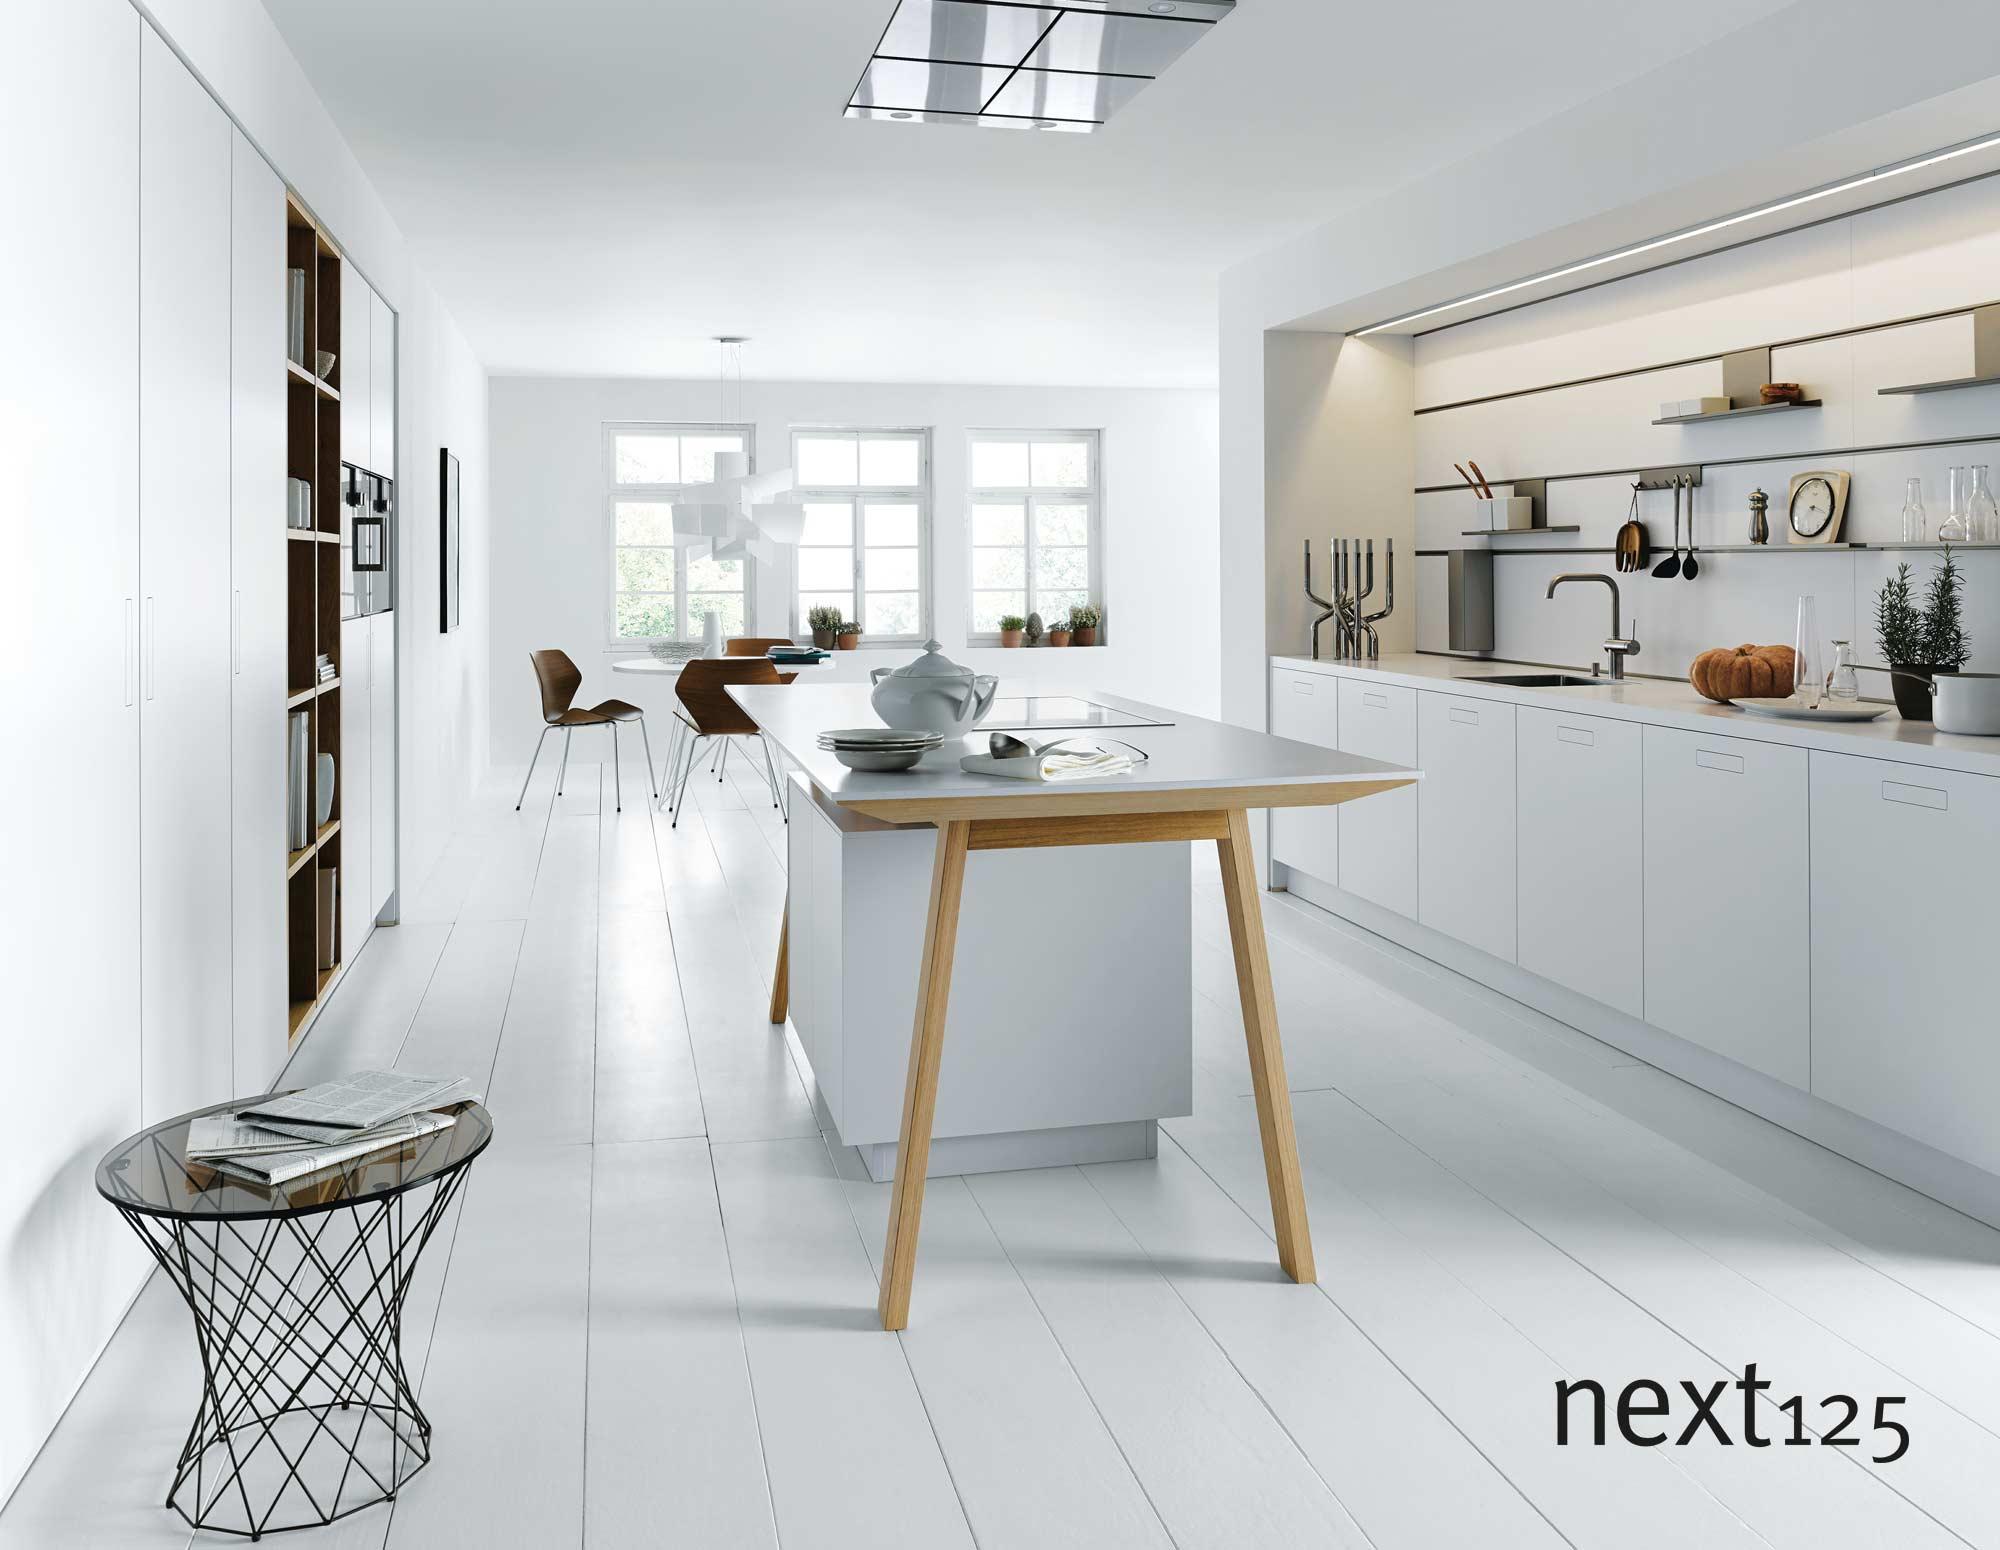 next125 Küche Schichtstoff-Front nx800 in weiß